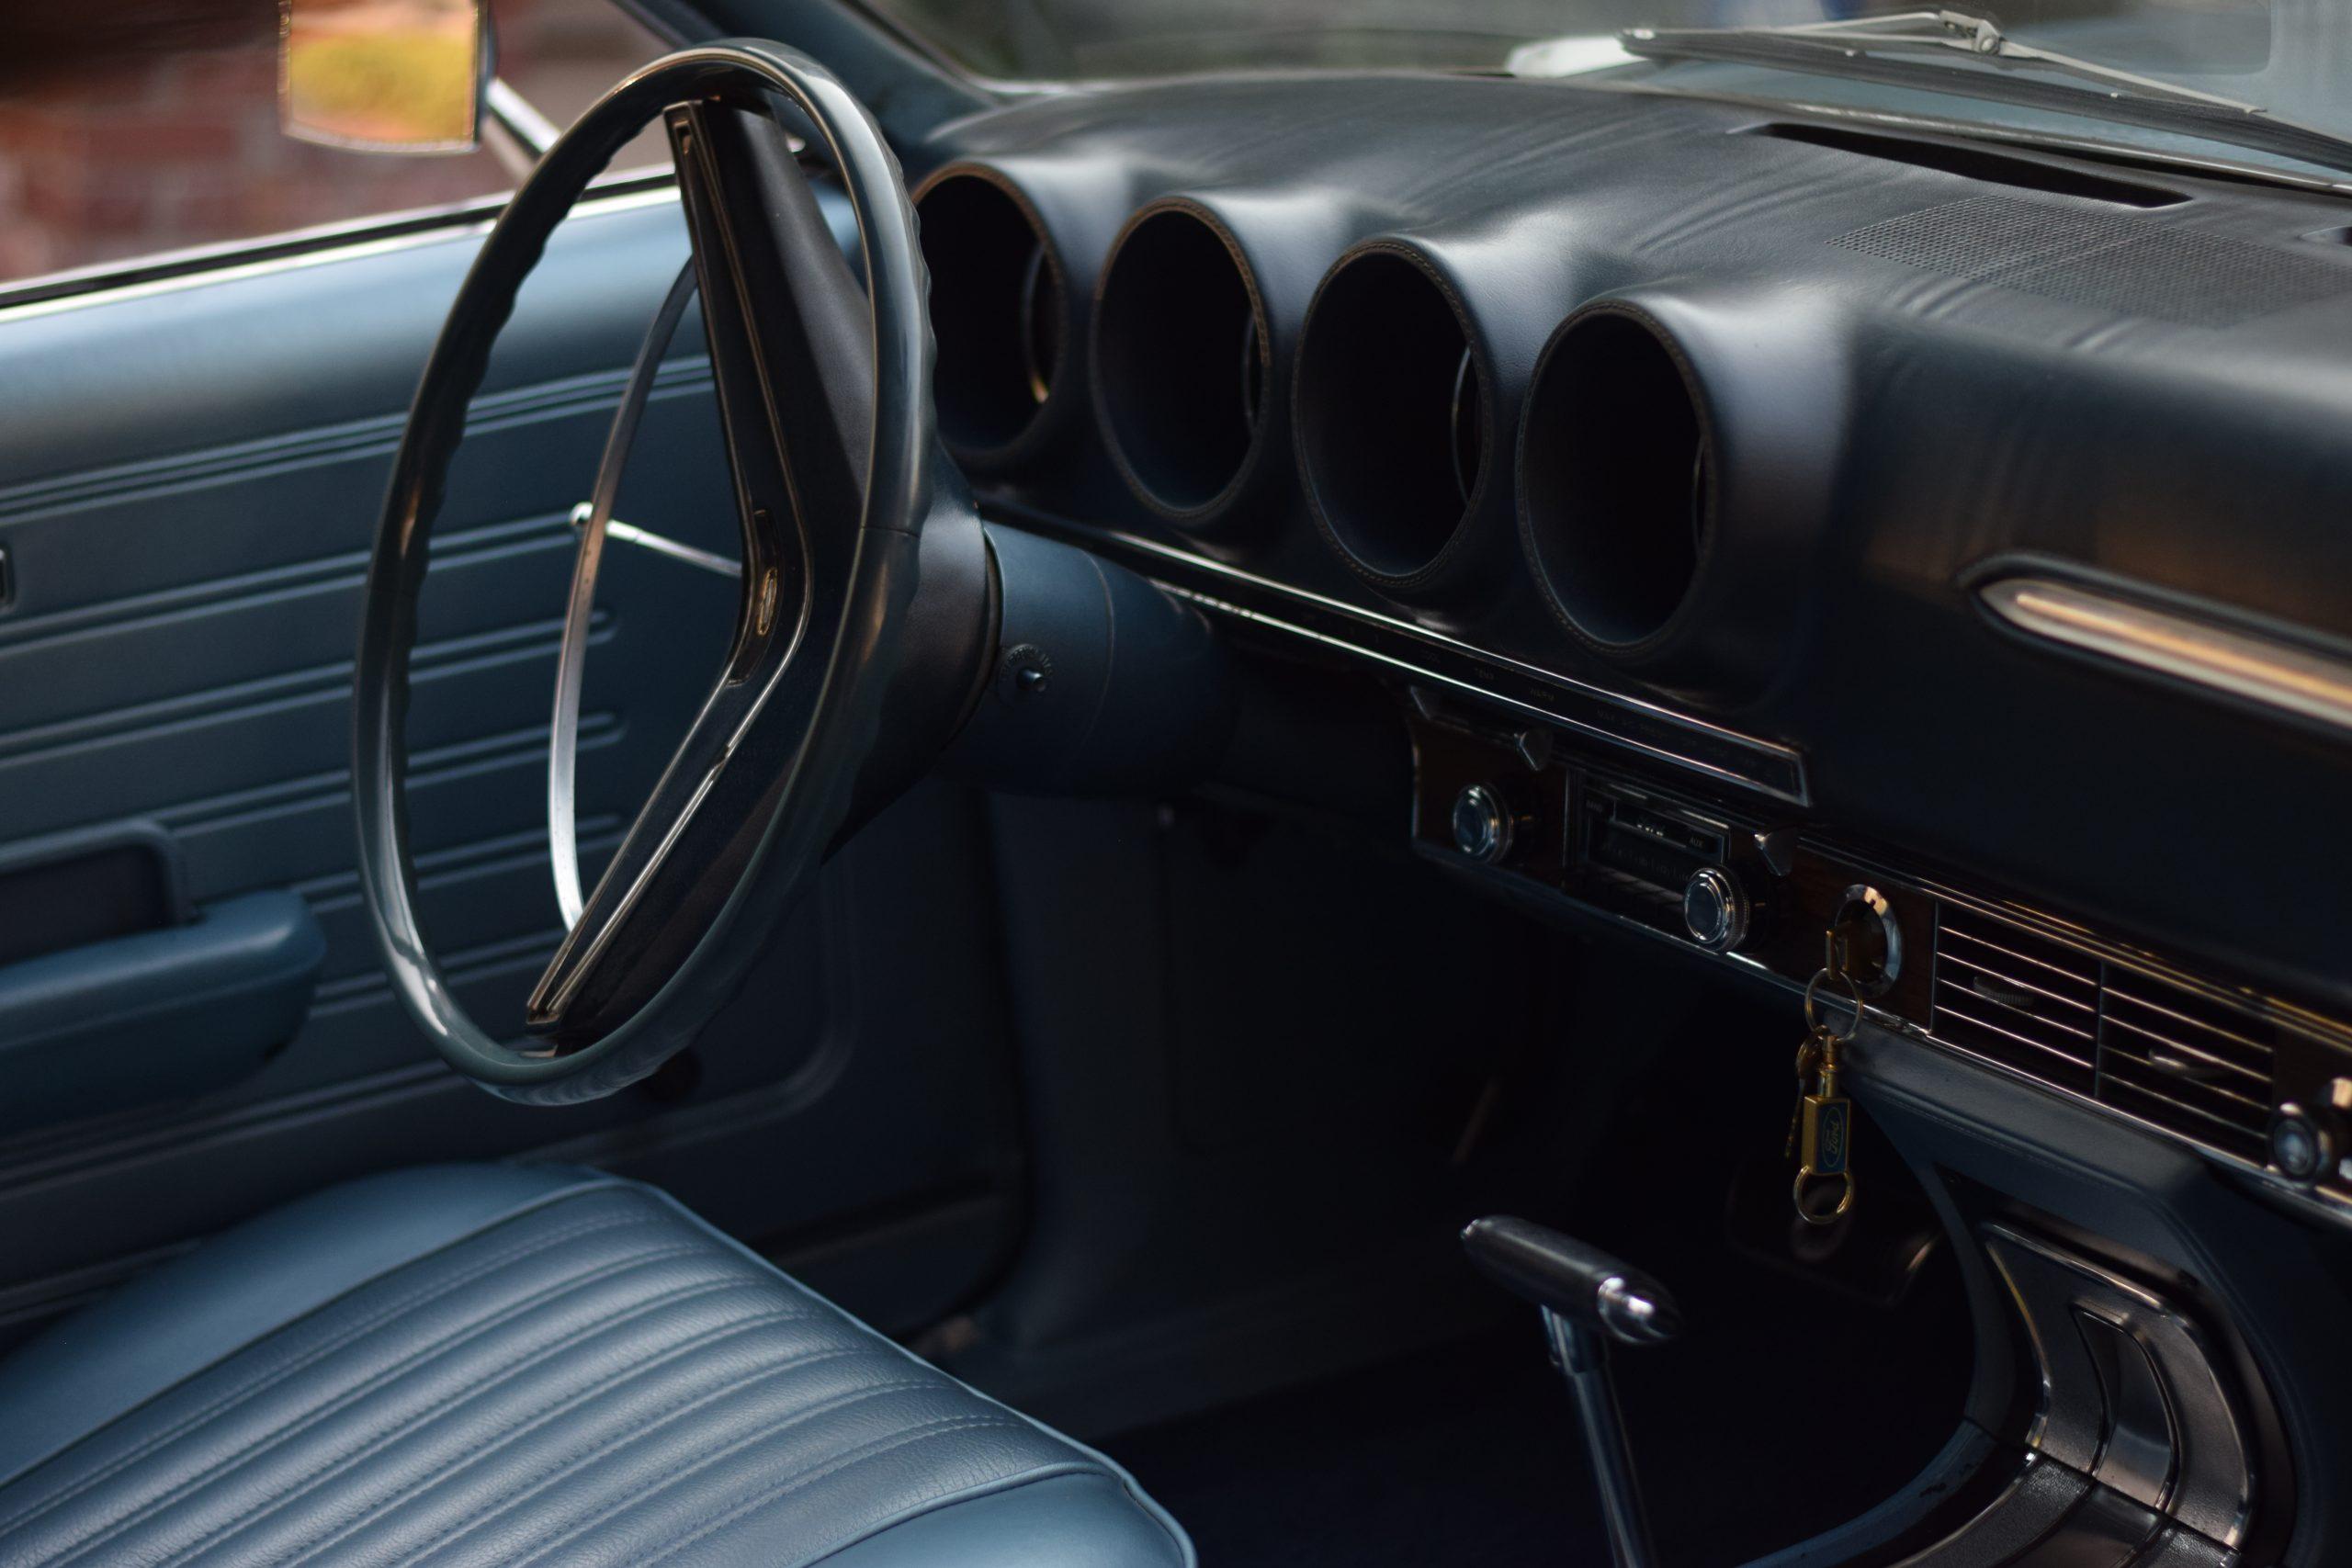 1969 Ford Torino interior